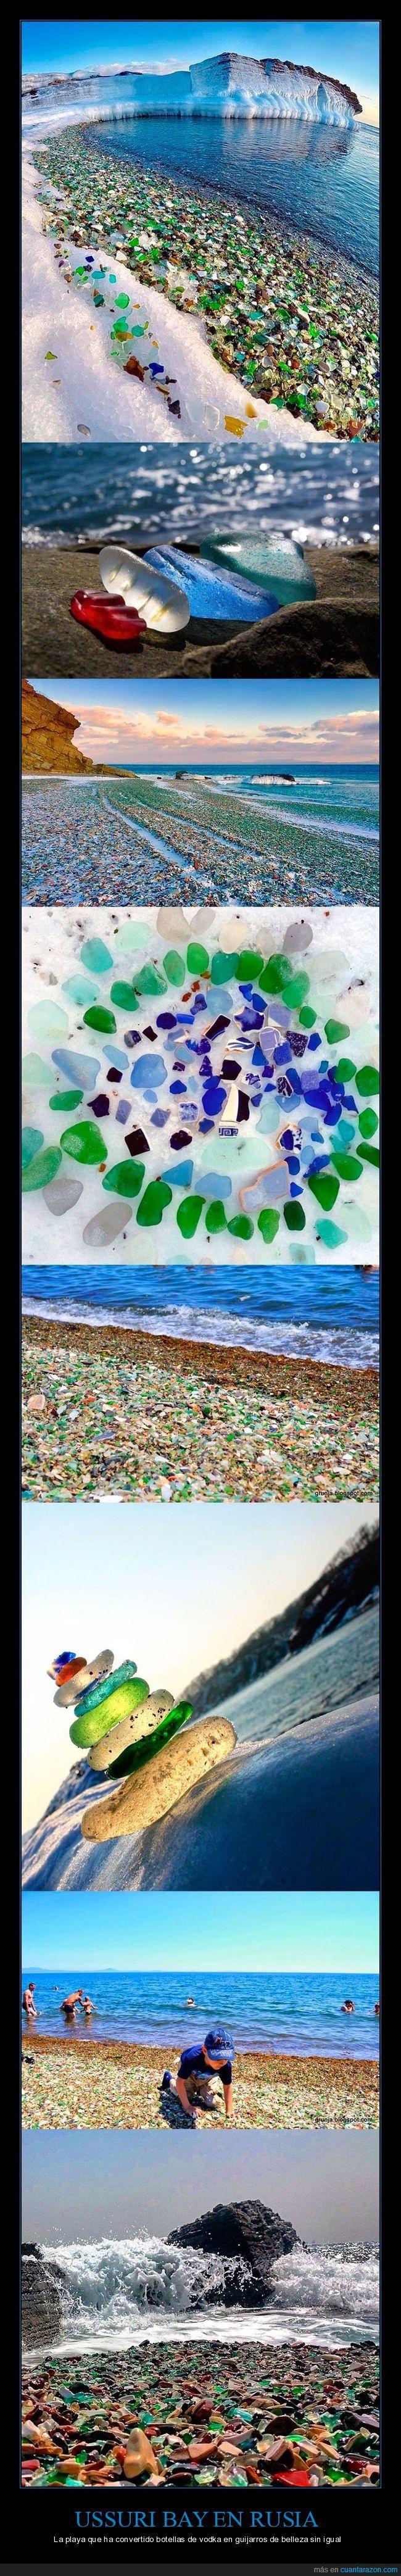 Los rusos tiran al mar las botellas de vodka. El oceano las convierte en bonitas piedras de color - La playa que ha convertido botellas de vodka en guijarros de belleza sin igual